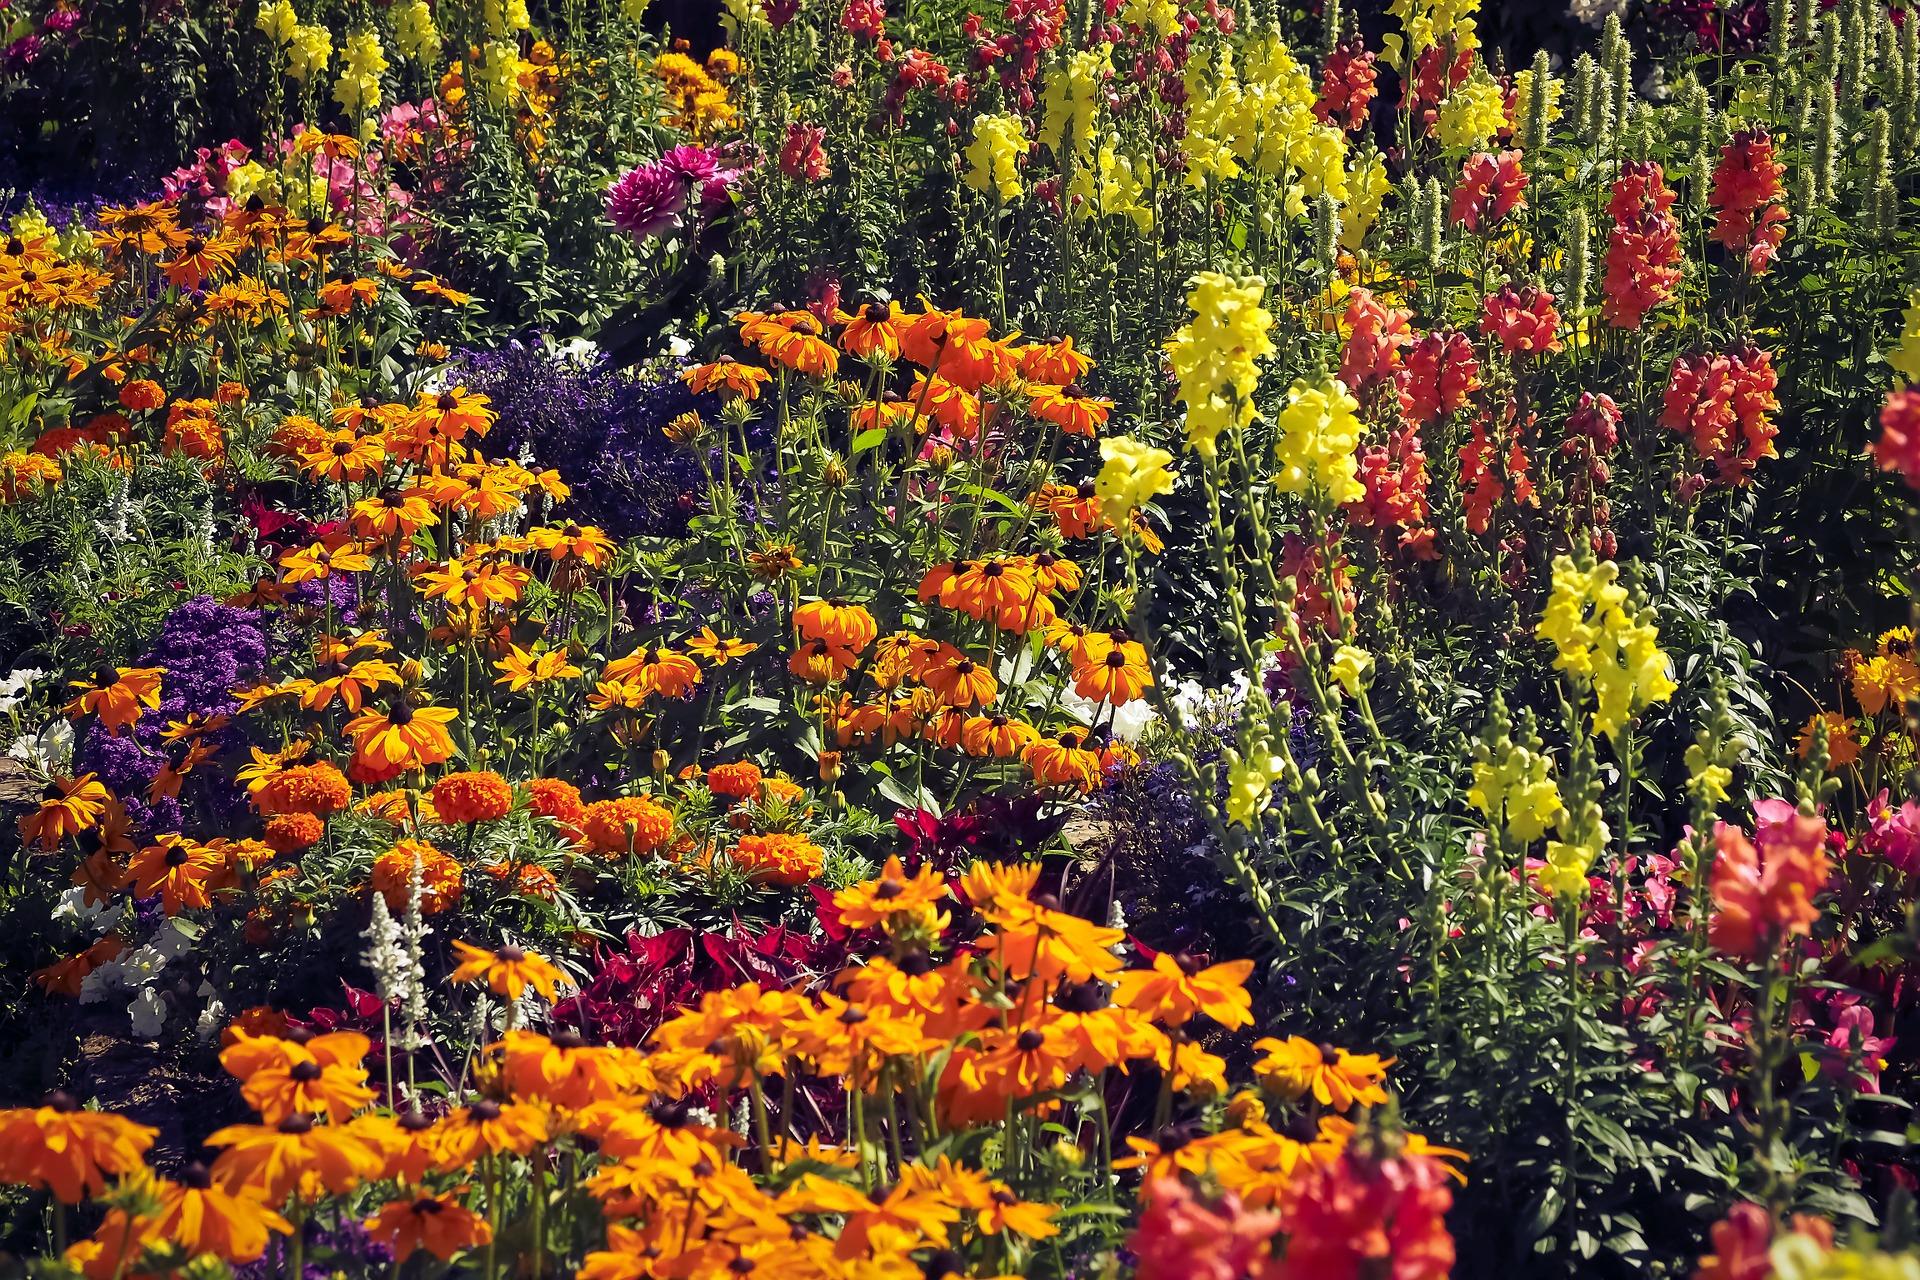 En blomstrande äng med mycket blommor i olika former och färger